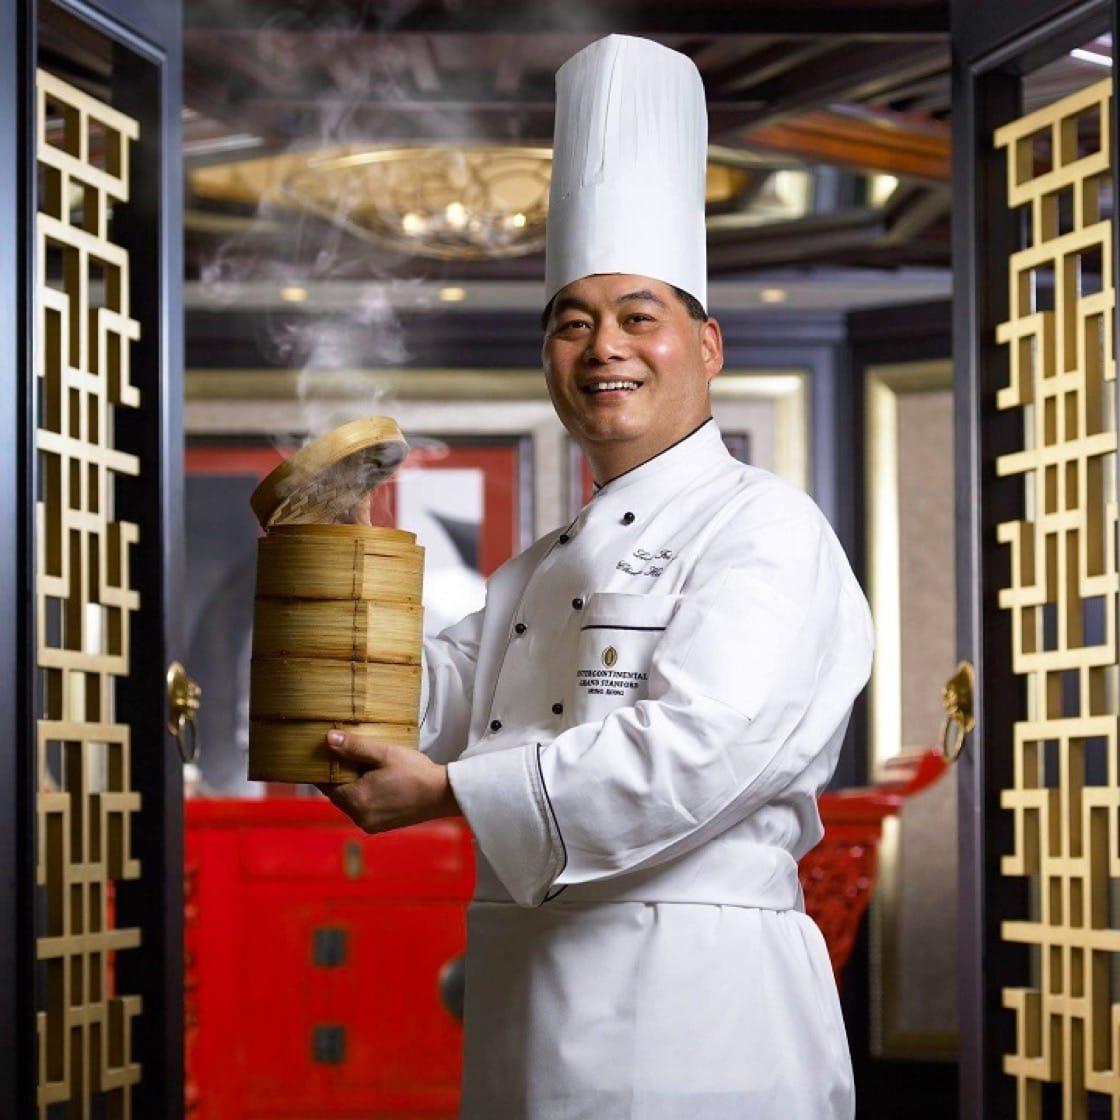 海景軒大廚梁輝雄40週年,推出全新嘗味菜單。(圖片來源:海景軒面書)